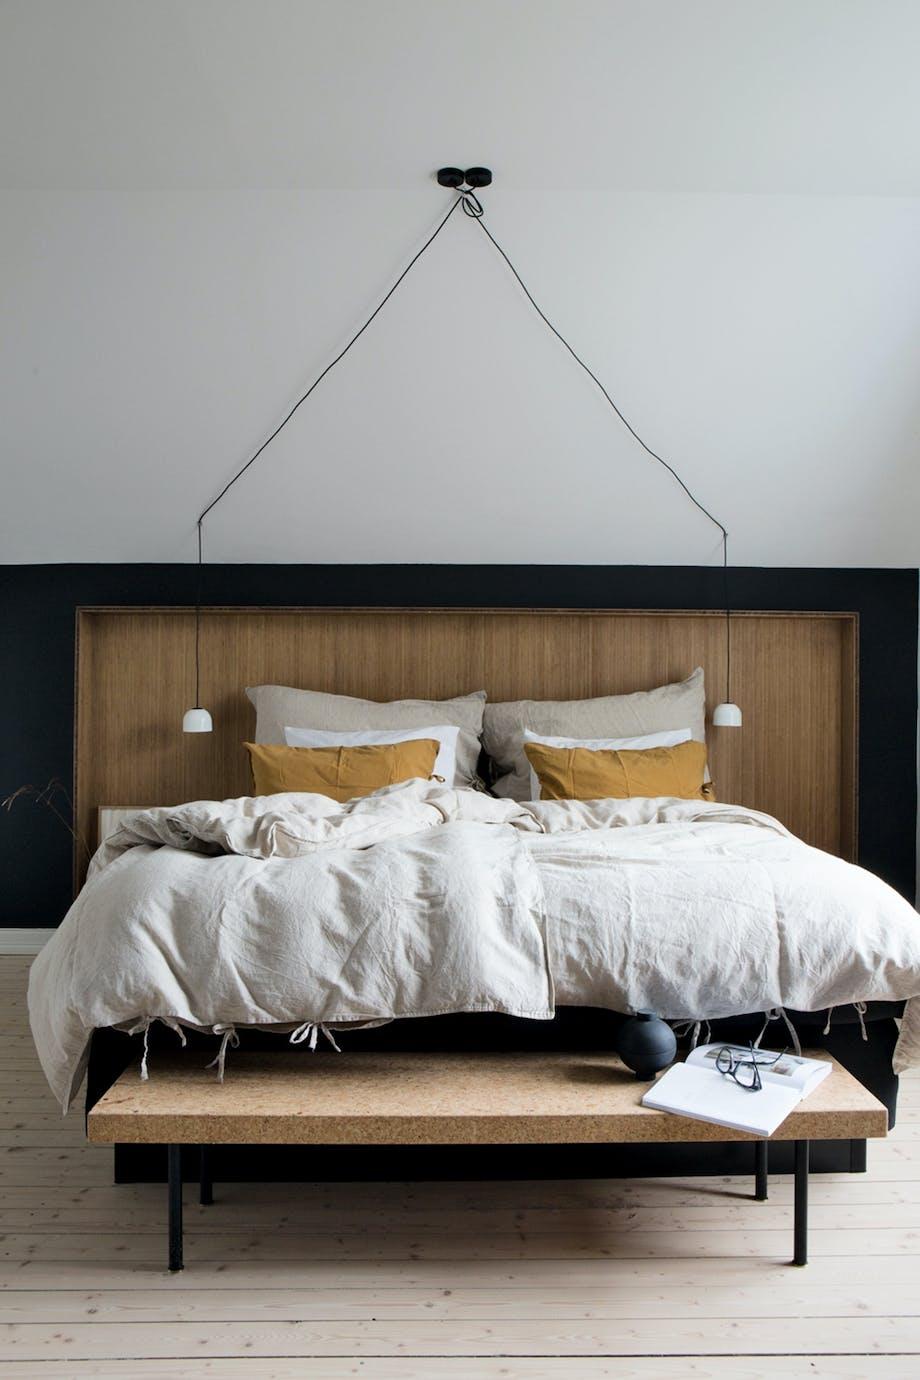 Kontraster i soveværelse karrygul seng kork